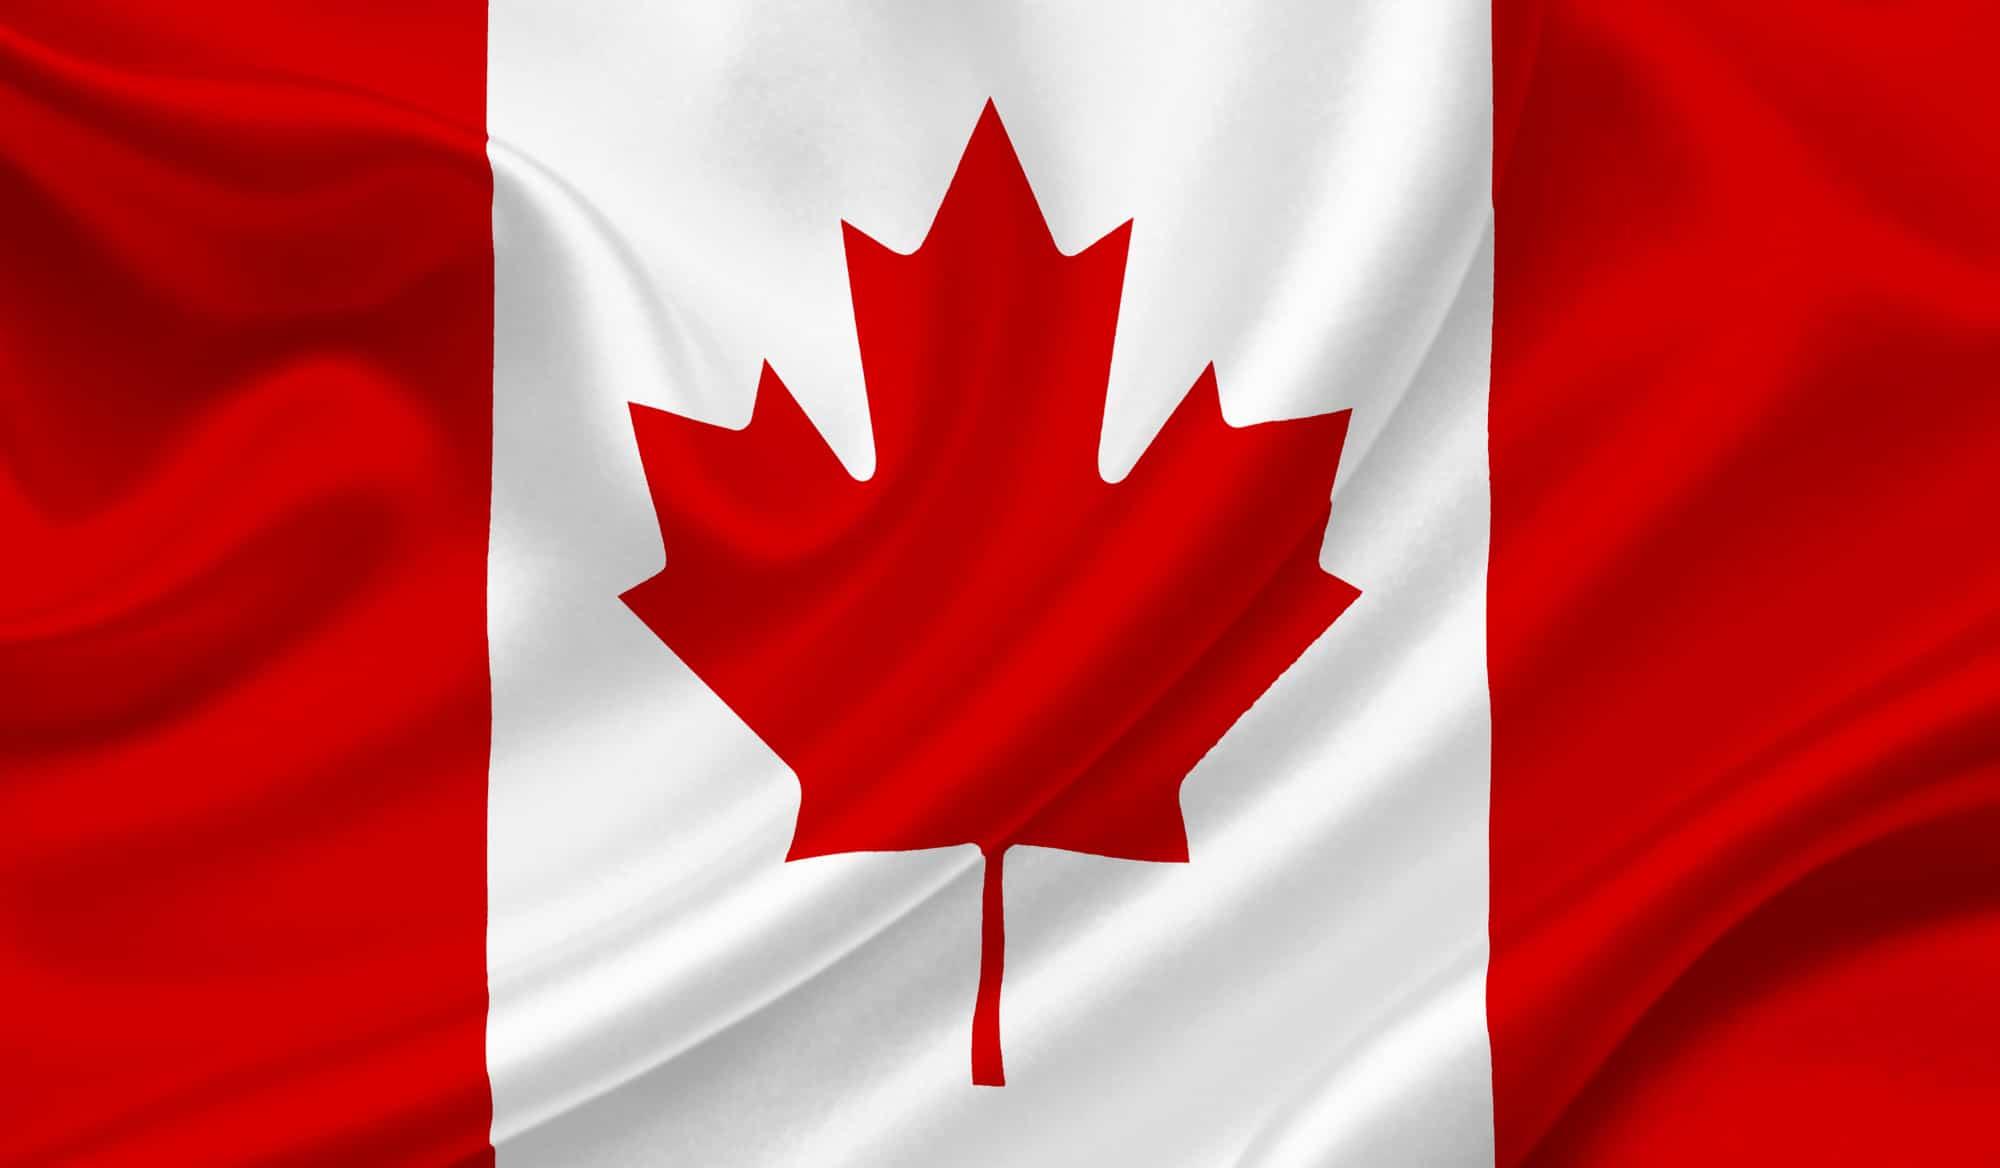 Canada waving flag